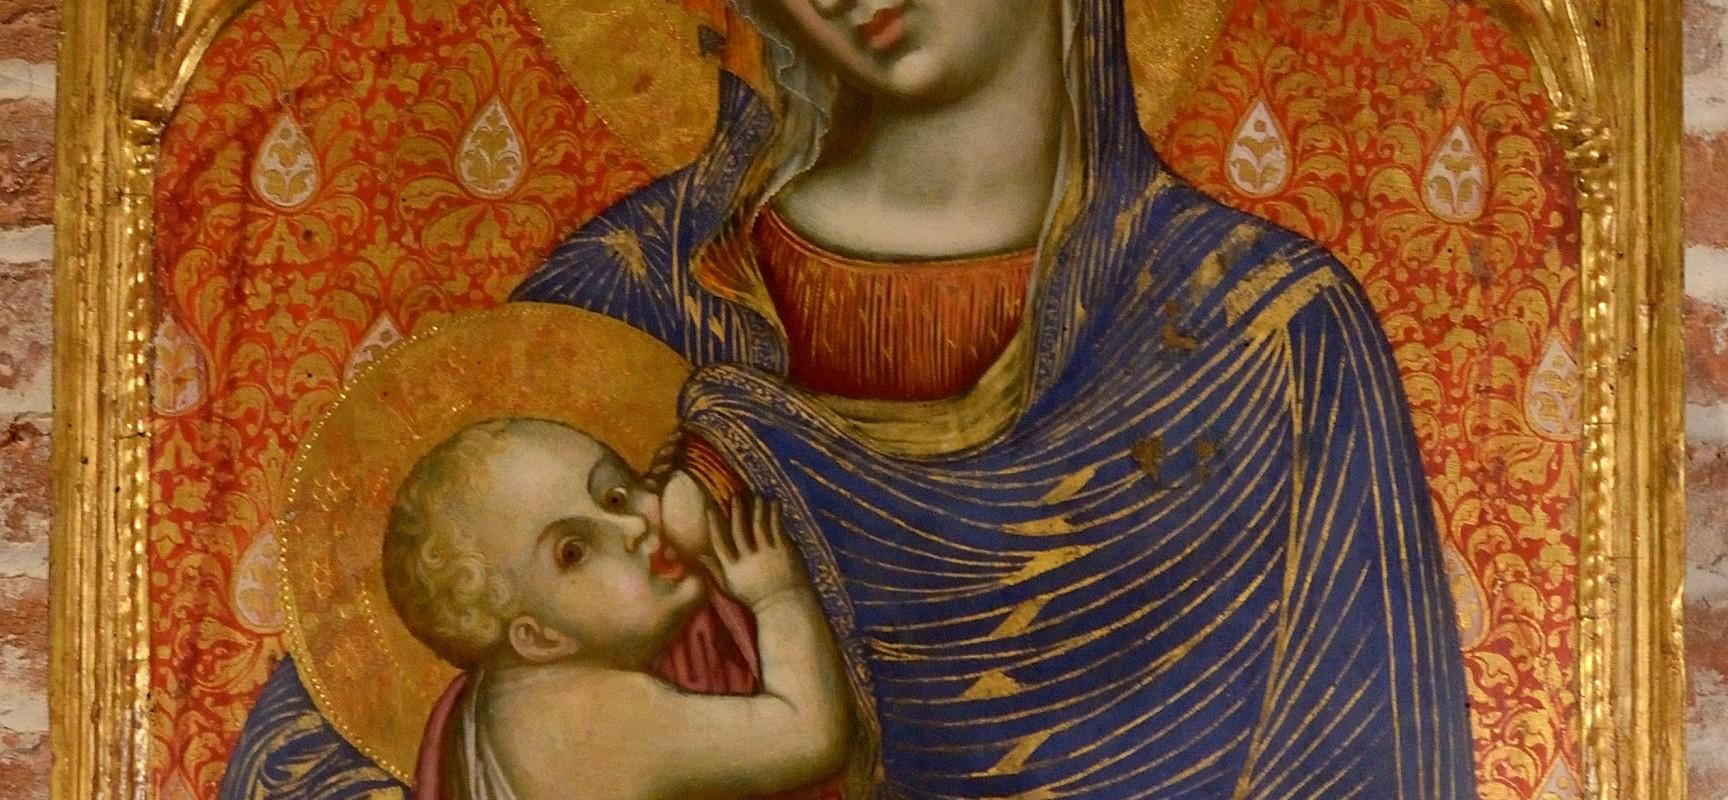 Barnaba da Modena, Madonna che allatta il Bambino tra gli Angelo in alto Annunciazione Pisa, Museo Nazionale San Matteo